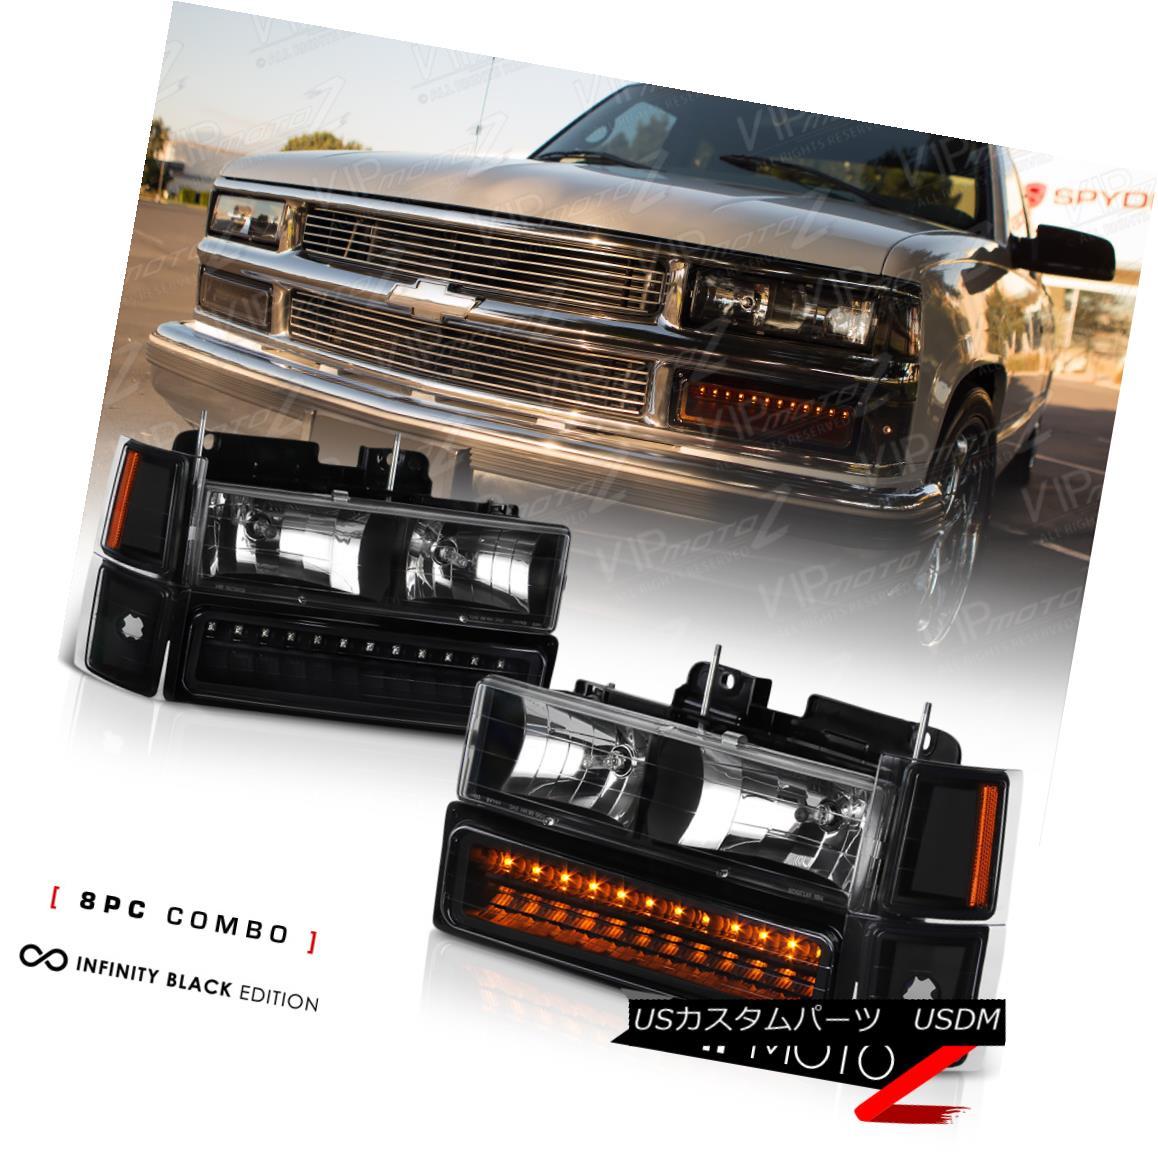 ヘッドライト 94-98 Chevy Tahoe/Suburban/Silverado Black Headlamp+Bumper Parking Light 4PC Set 94-98 Chevy Tahoe /郊外 / Silverado Blackヘッドランプ+バンパー r駐車ライト4PCセット